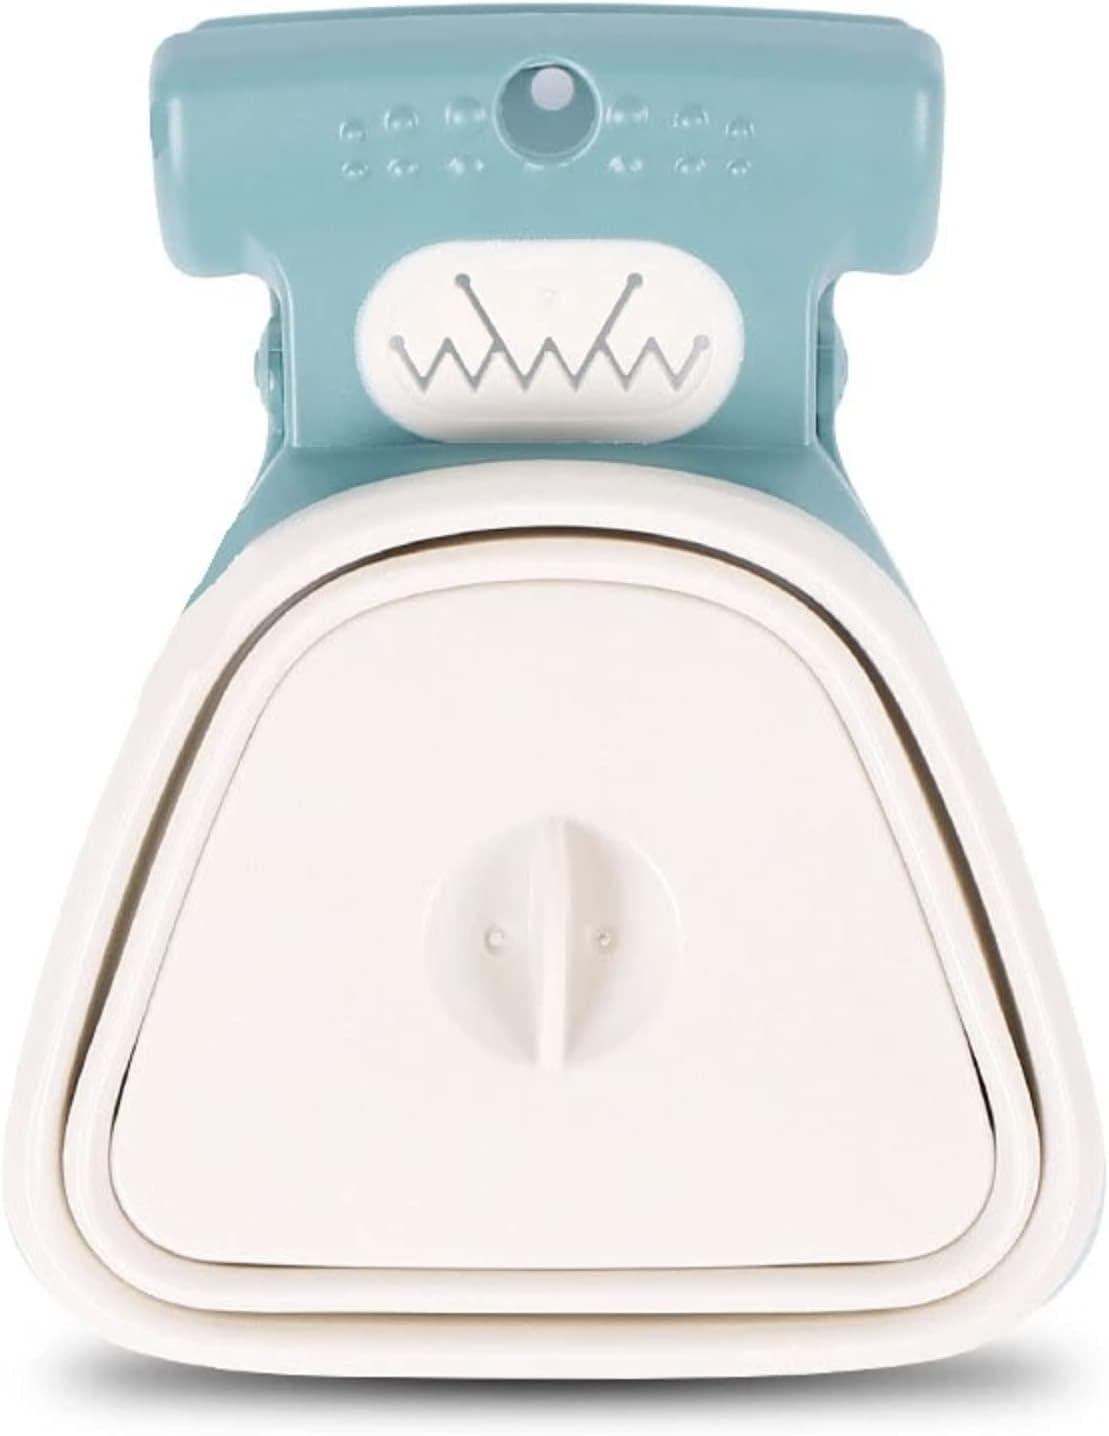 Crea EOLO- EOLO Plus - Pinza recogeexcrementos portátil y práctica para perros, para salidas y viajes, disponible en dos tamaños (L, verde y blanco)